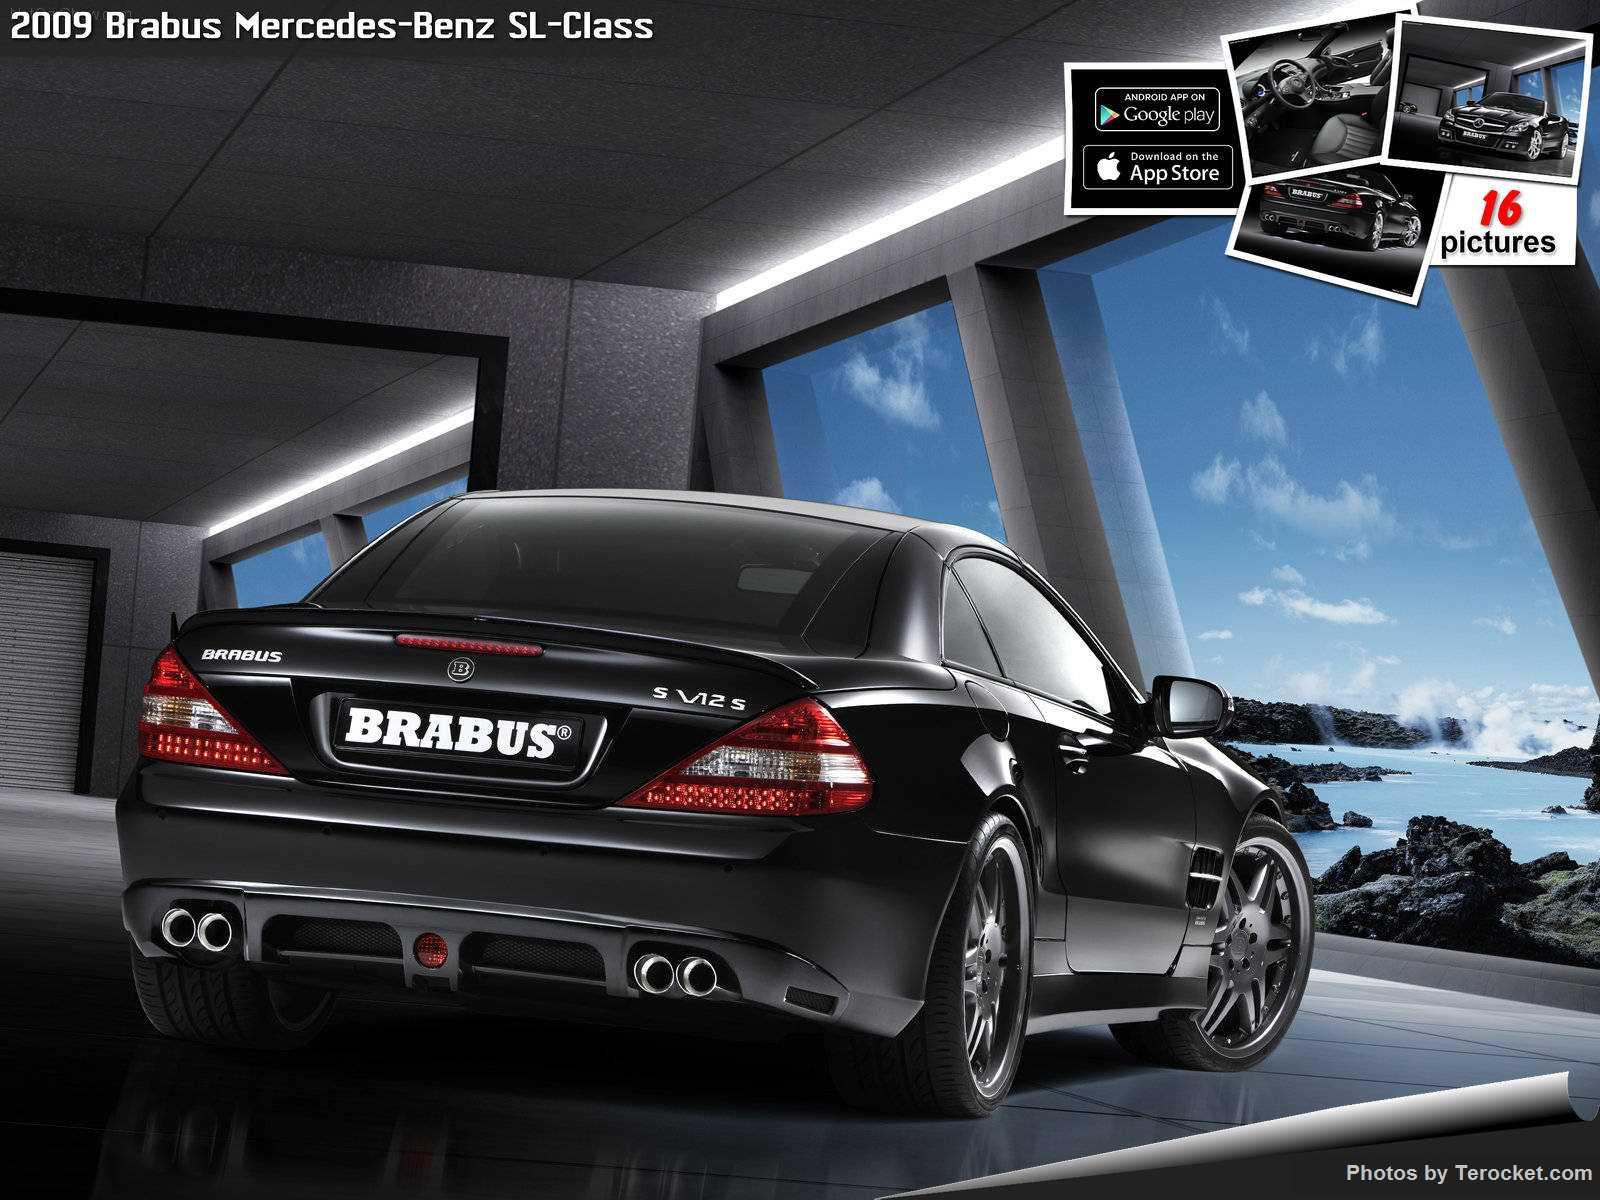 Hình ảnh xe ô tô Brabus Mercedes-Benz SL-Class 2009 & nội ngoại thất